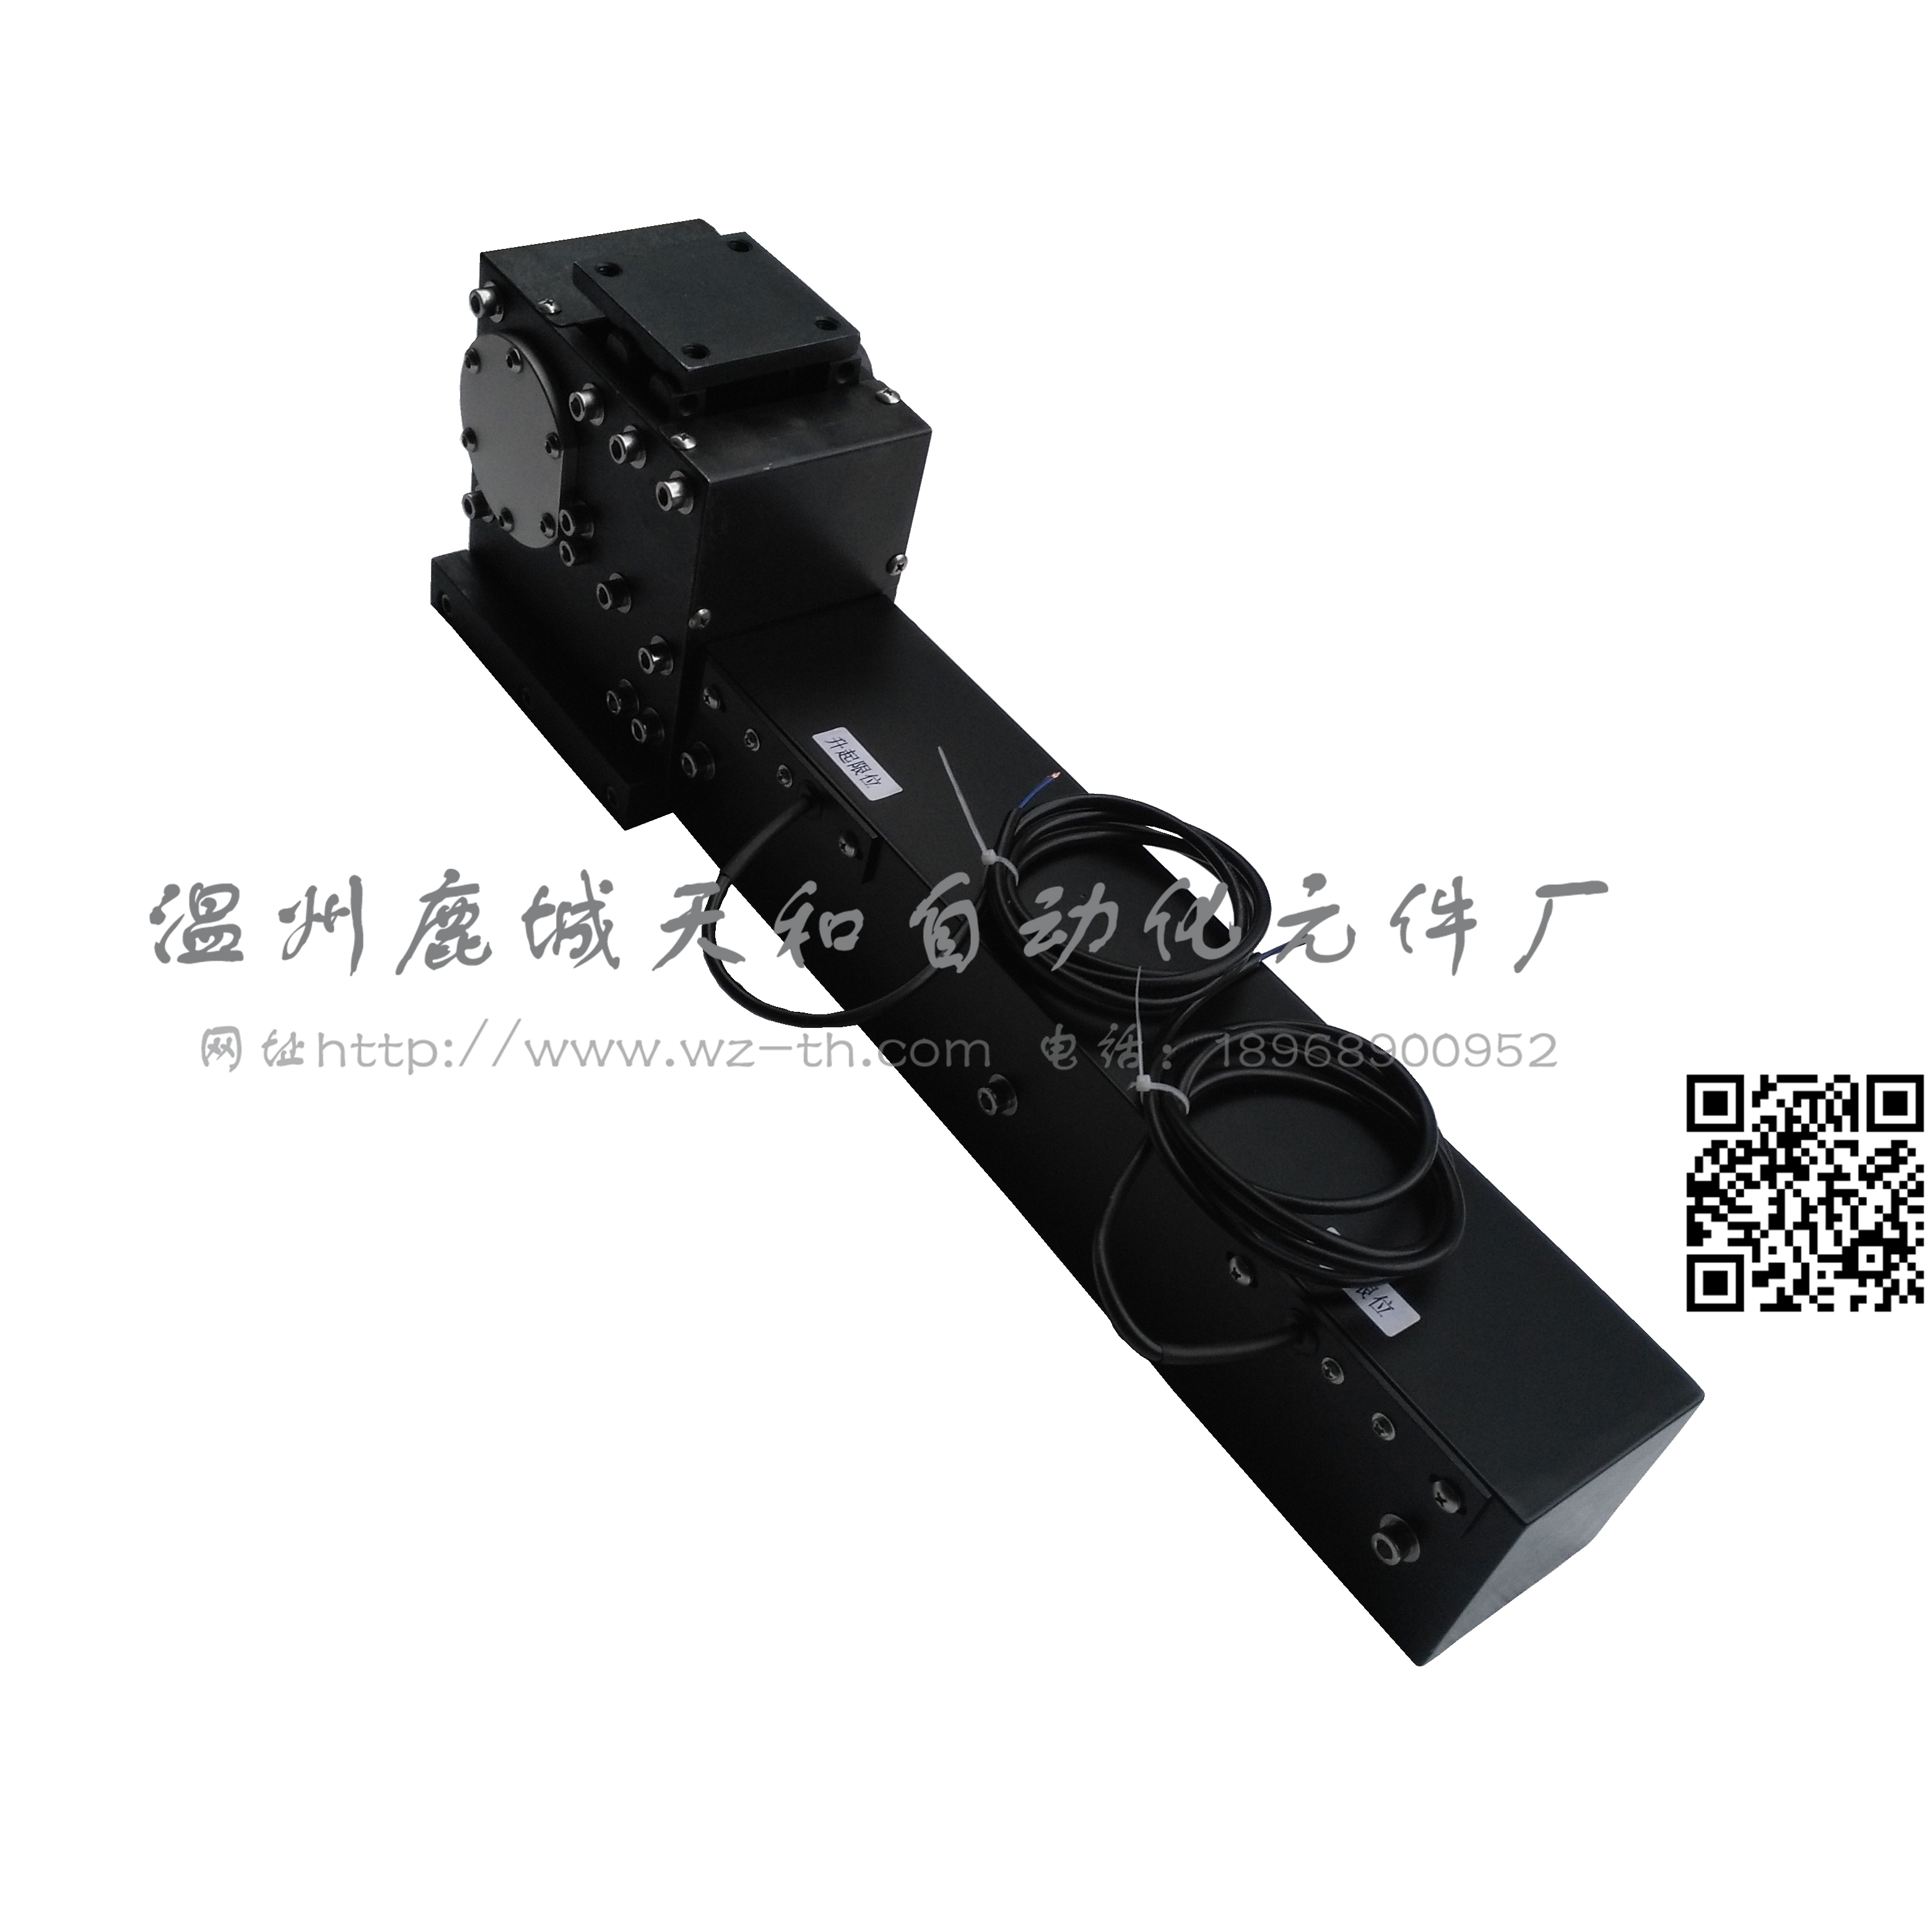 刚性链升降机构链库 XCL-30-036-A